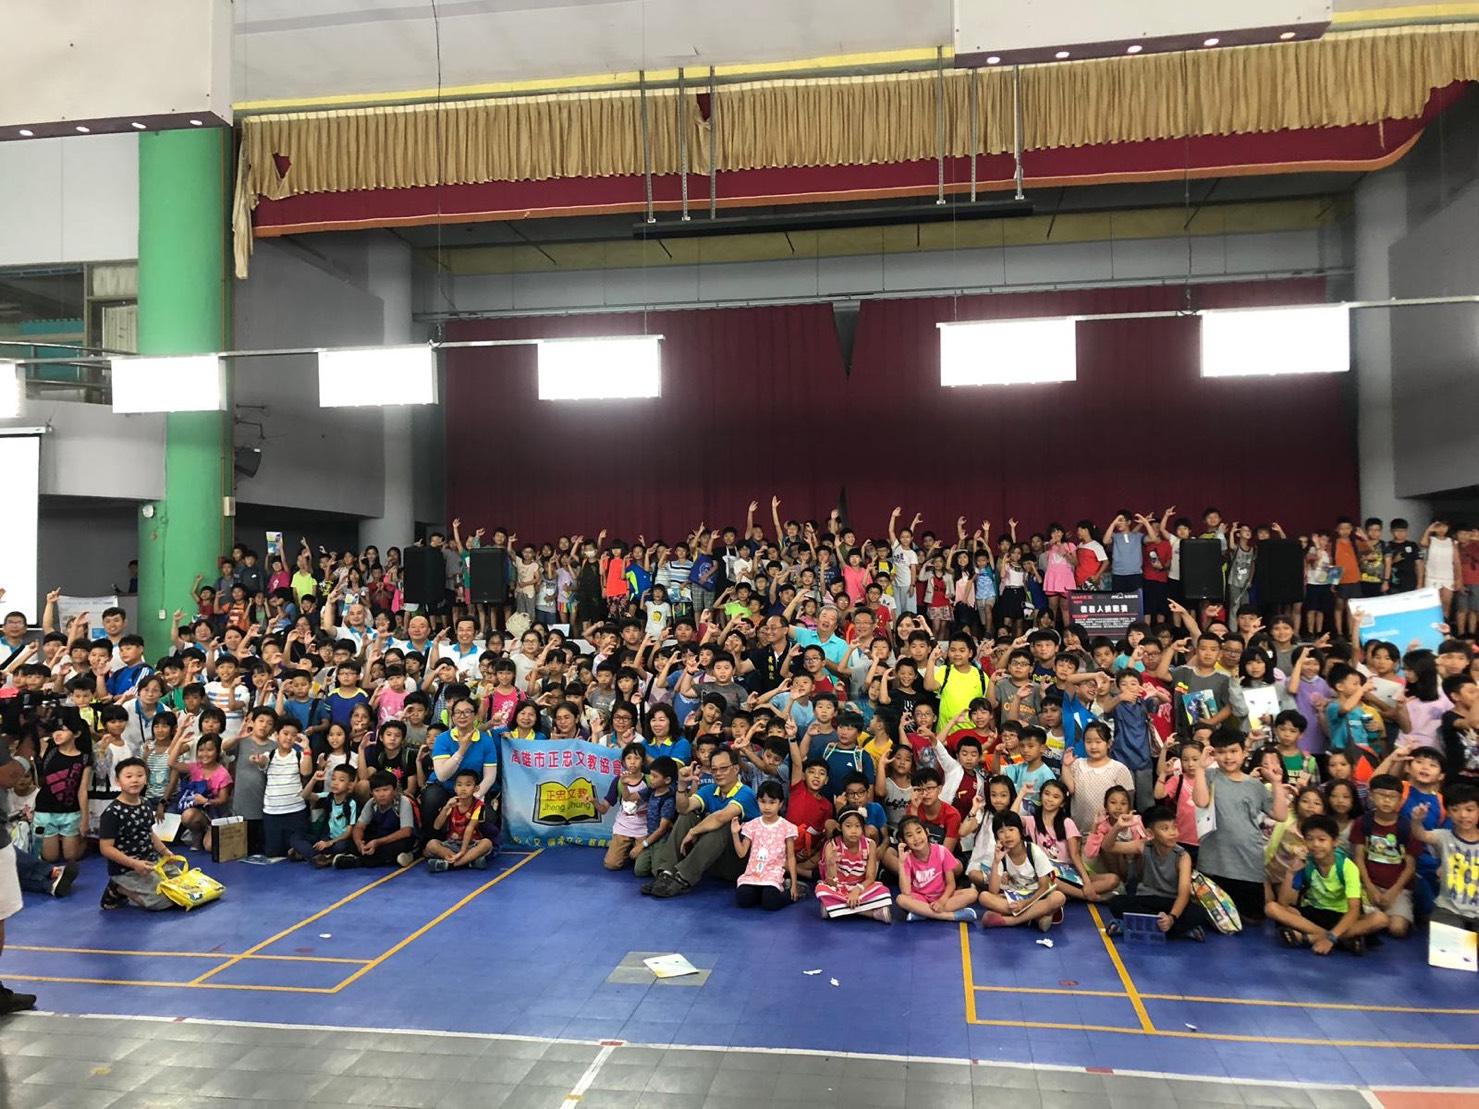 黃柏霖在莊敬國小辦科丁-不插電課程,超過900人參與,推動科丁教育不遺餘力。(圖/徐炳文攝)